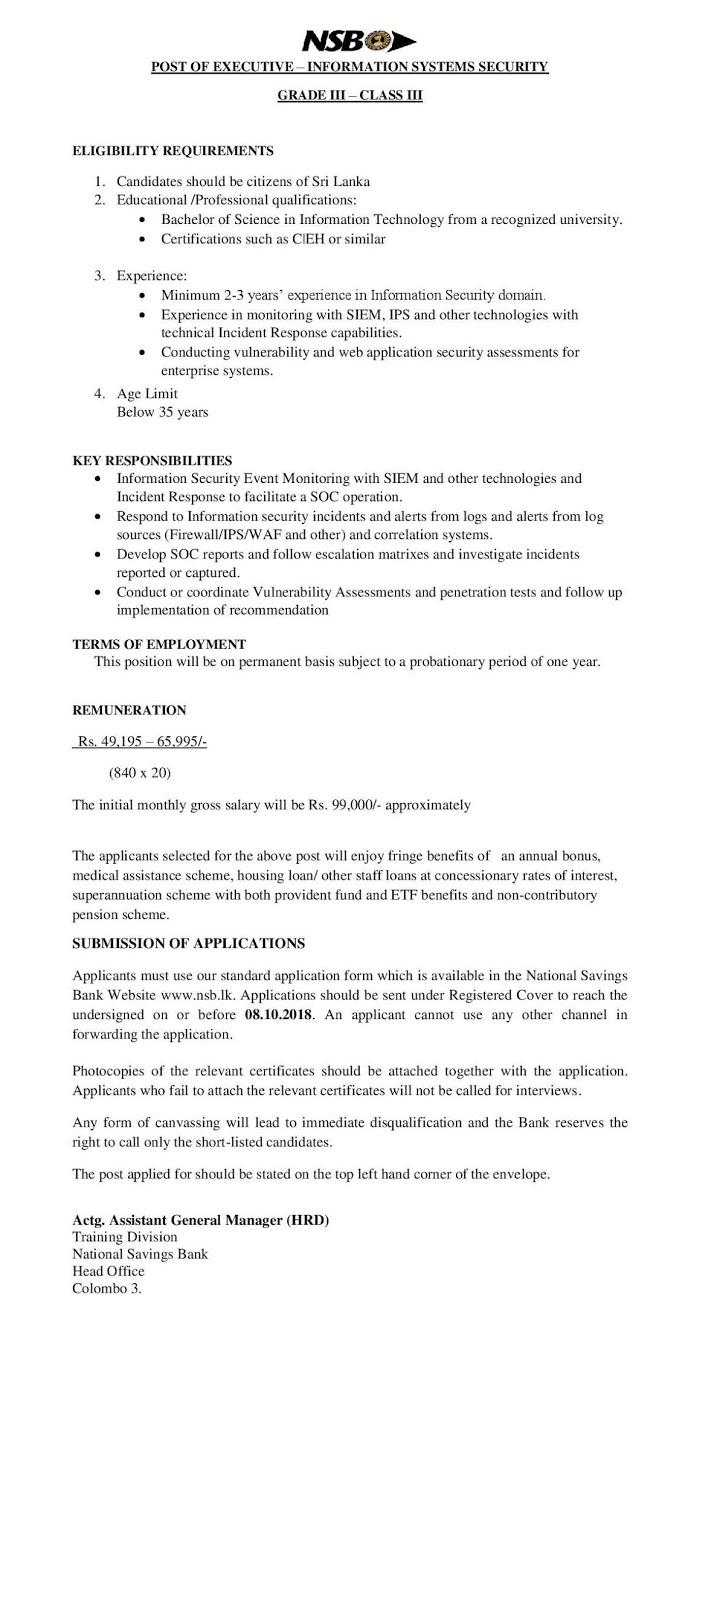 Executive - Information System Security - National Saving Bank